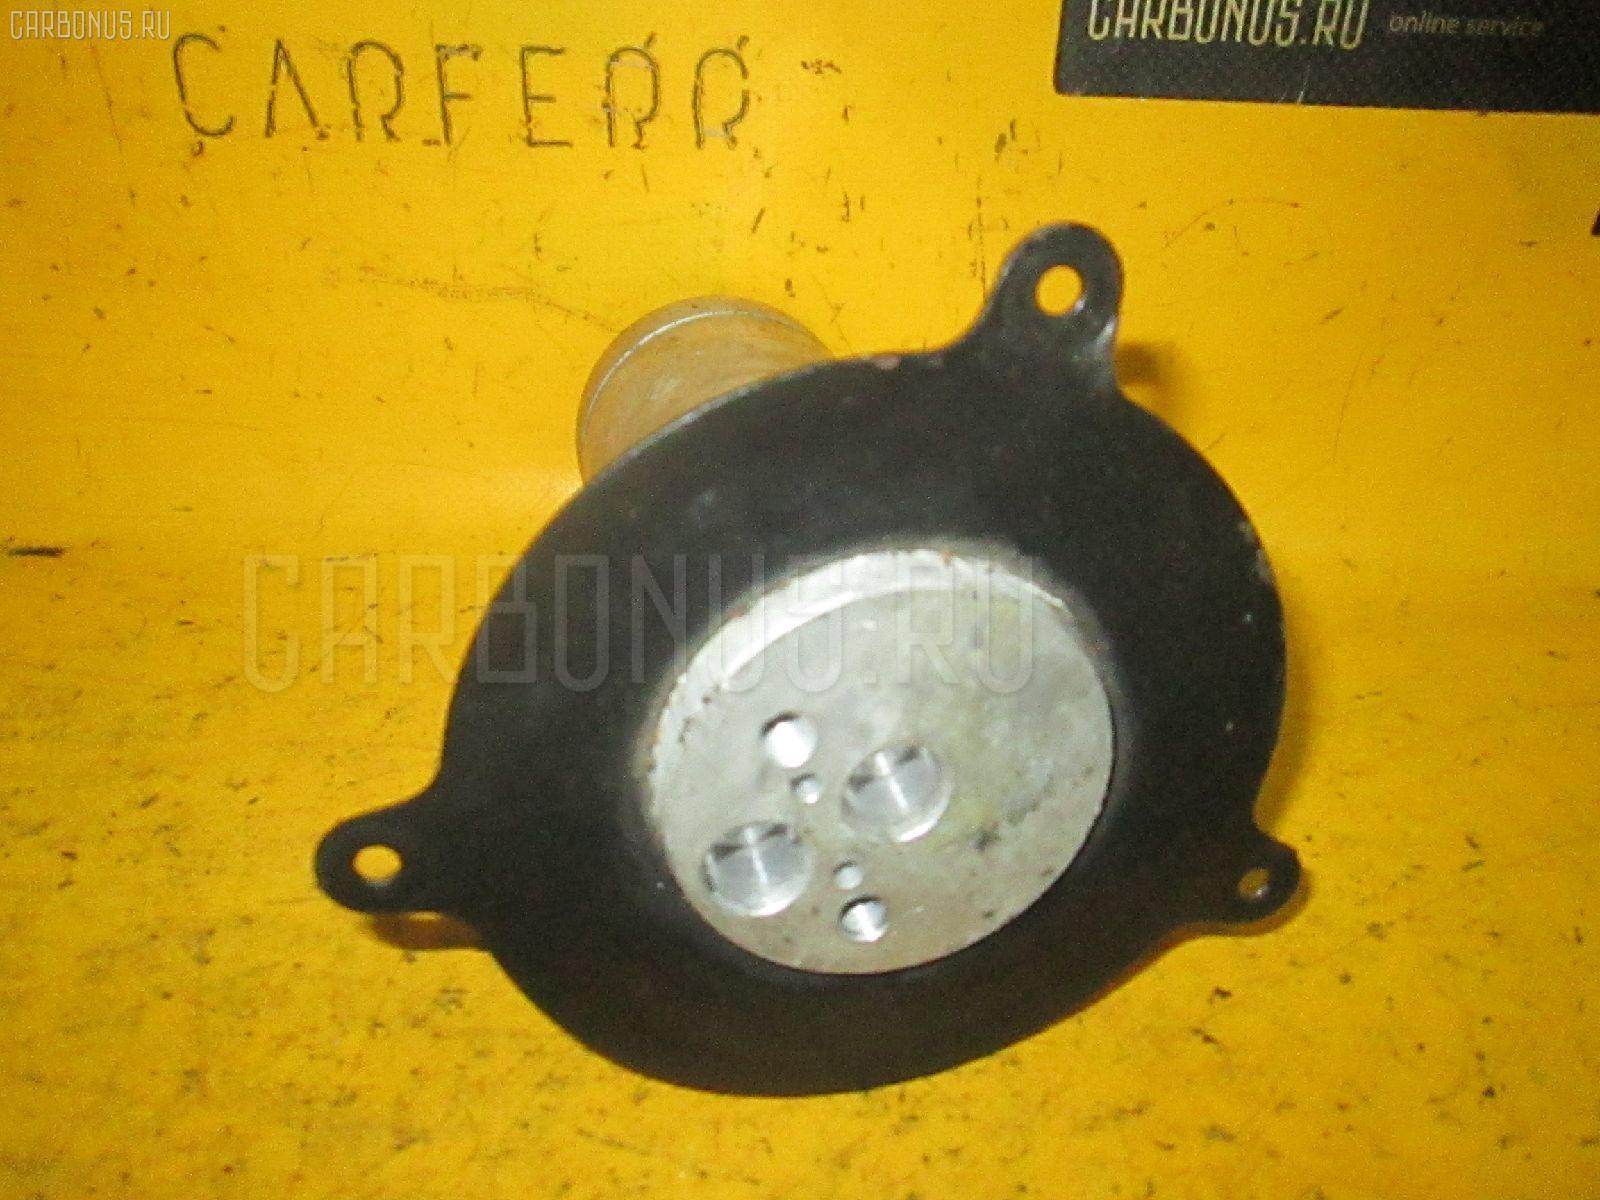 Осушитель системы кондиционирования BMW 5-SERIES E39-DT42 M54-256S5 Фото 1